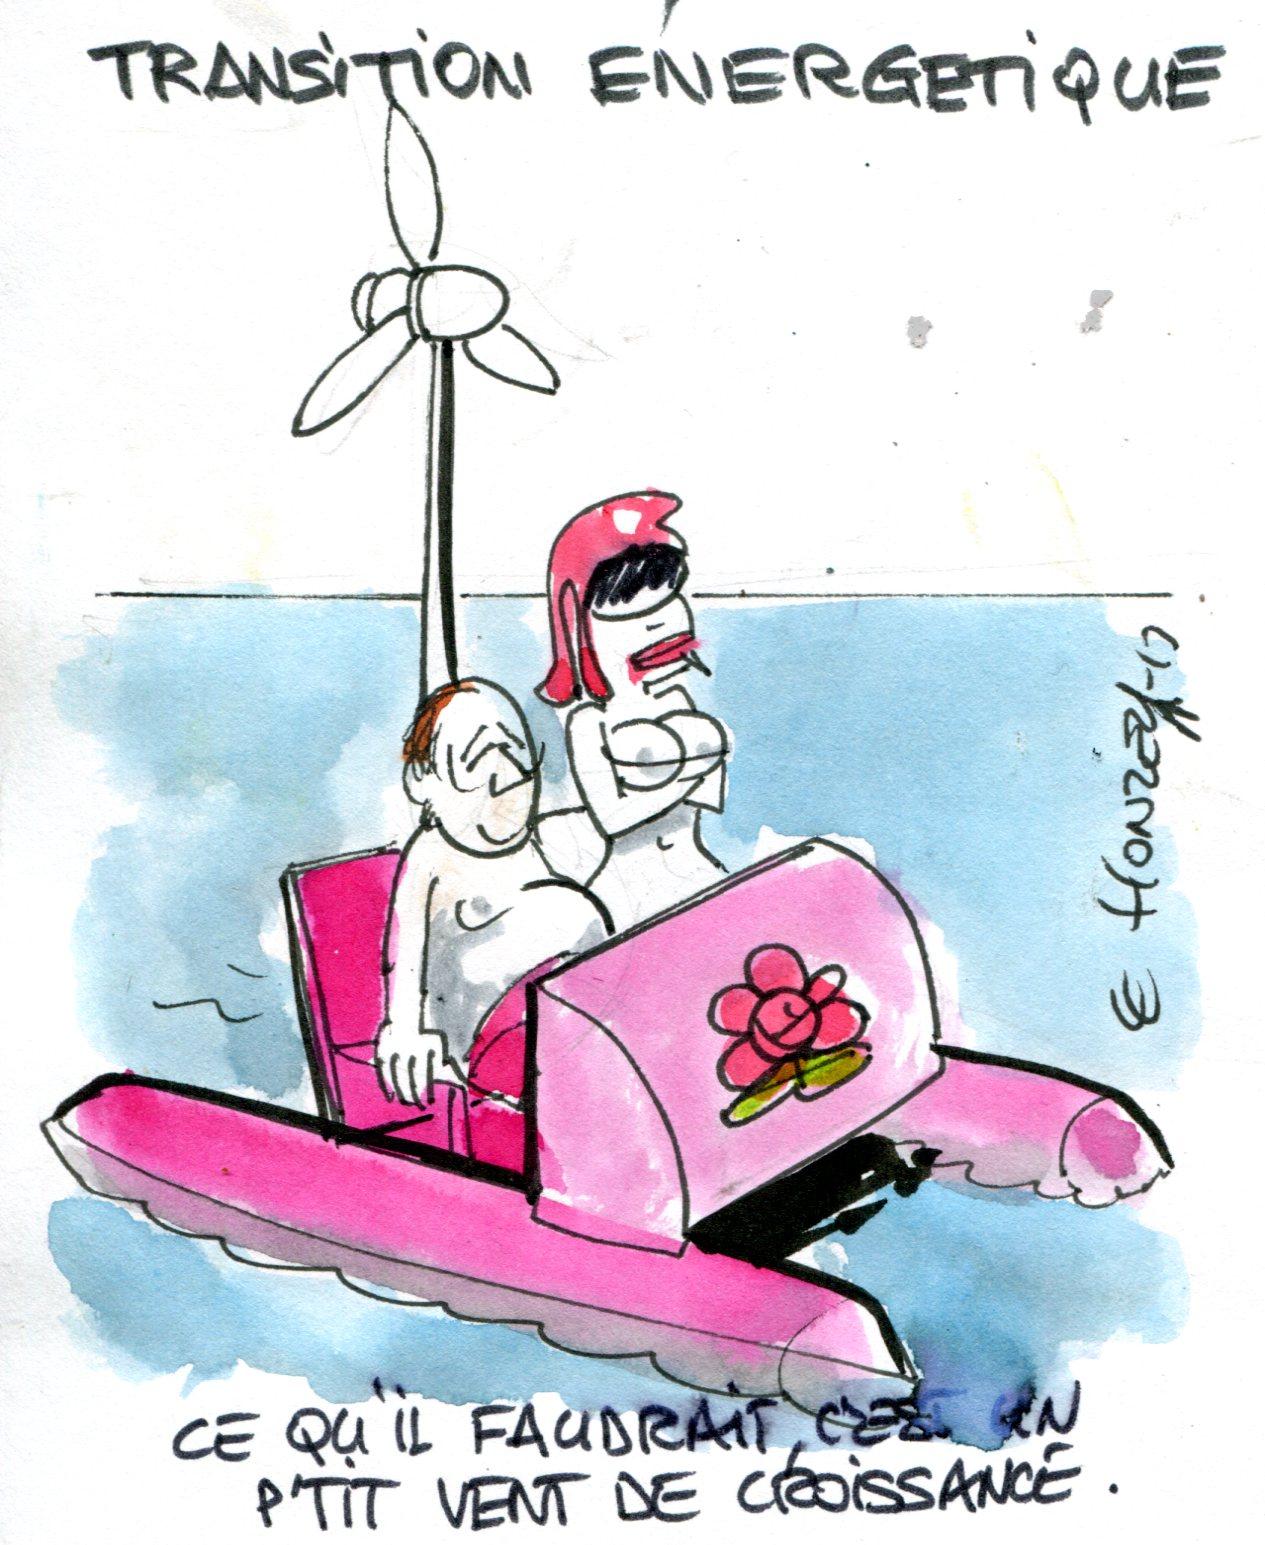 Transition énergétique : en finir avec les débats irrationnels